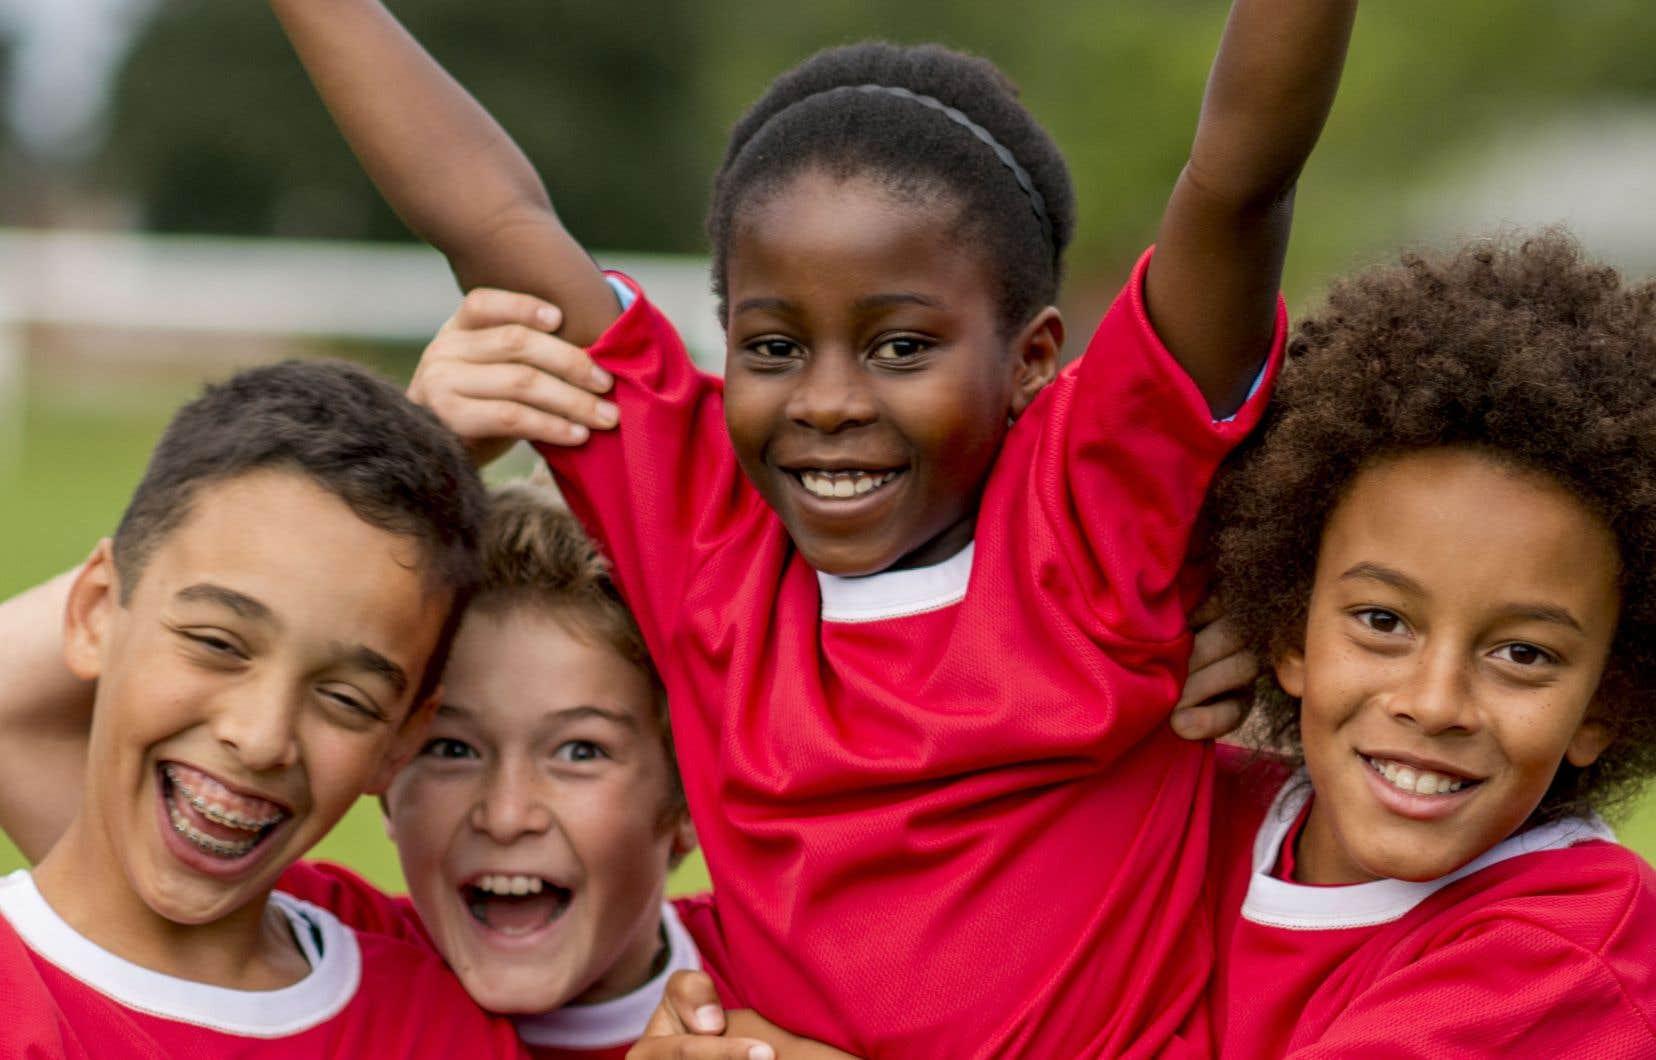 Certains parents estiment qu'en arrivant plus tard sur les bancs d'école, leur enfant aura gagné en maturité et pourra ainsi tirer profit de son statut d'«aîné».